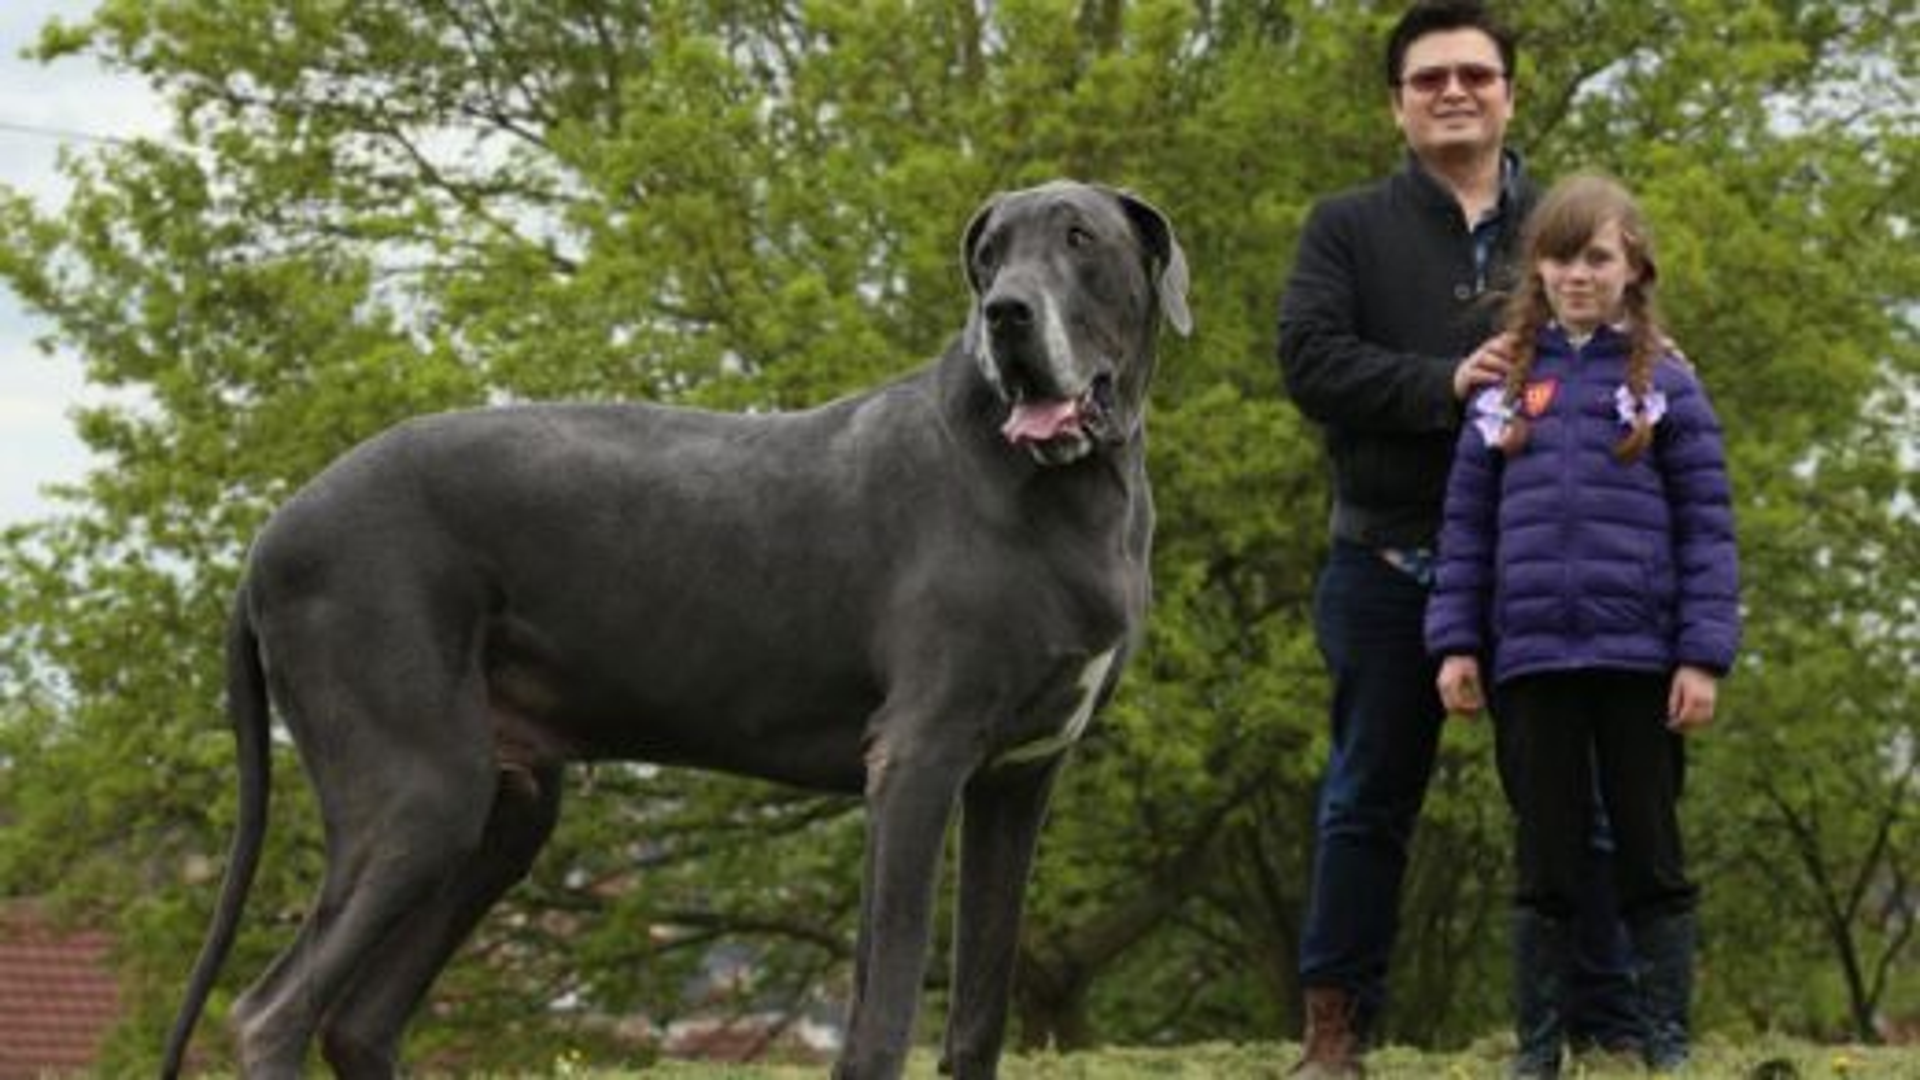 نژادهای مختلف سگ | تگ